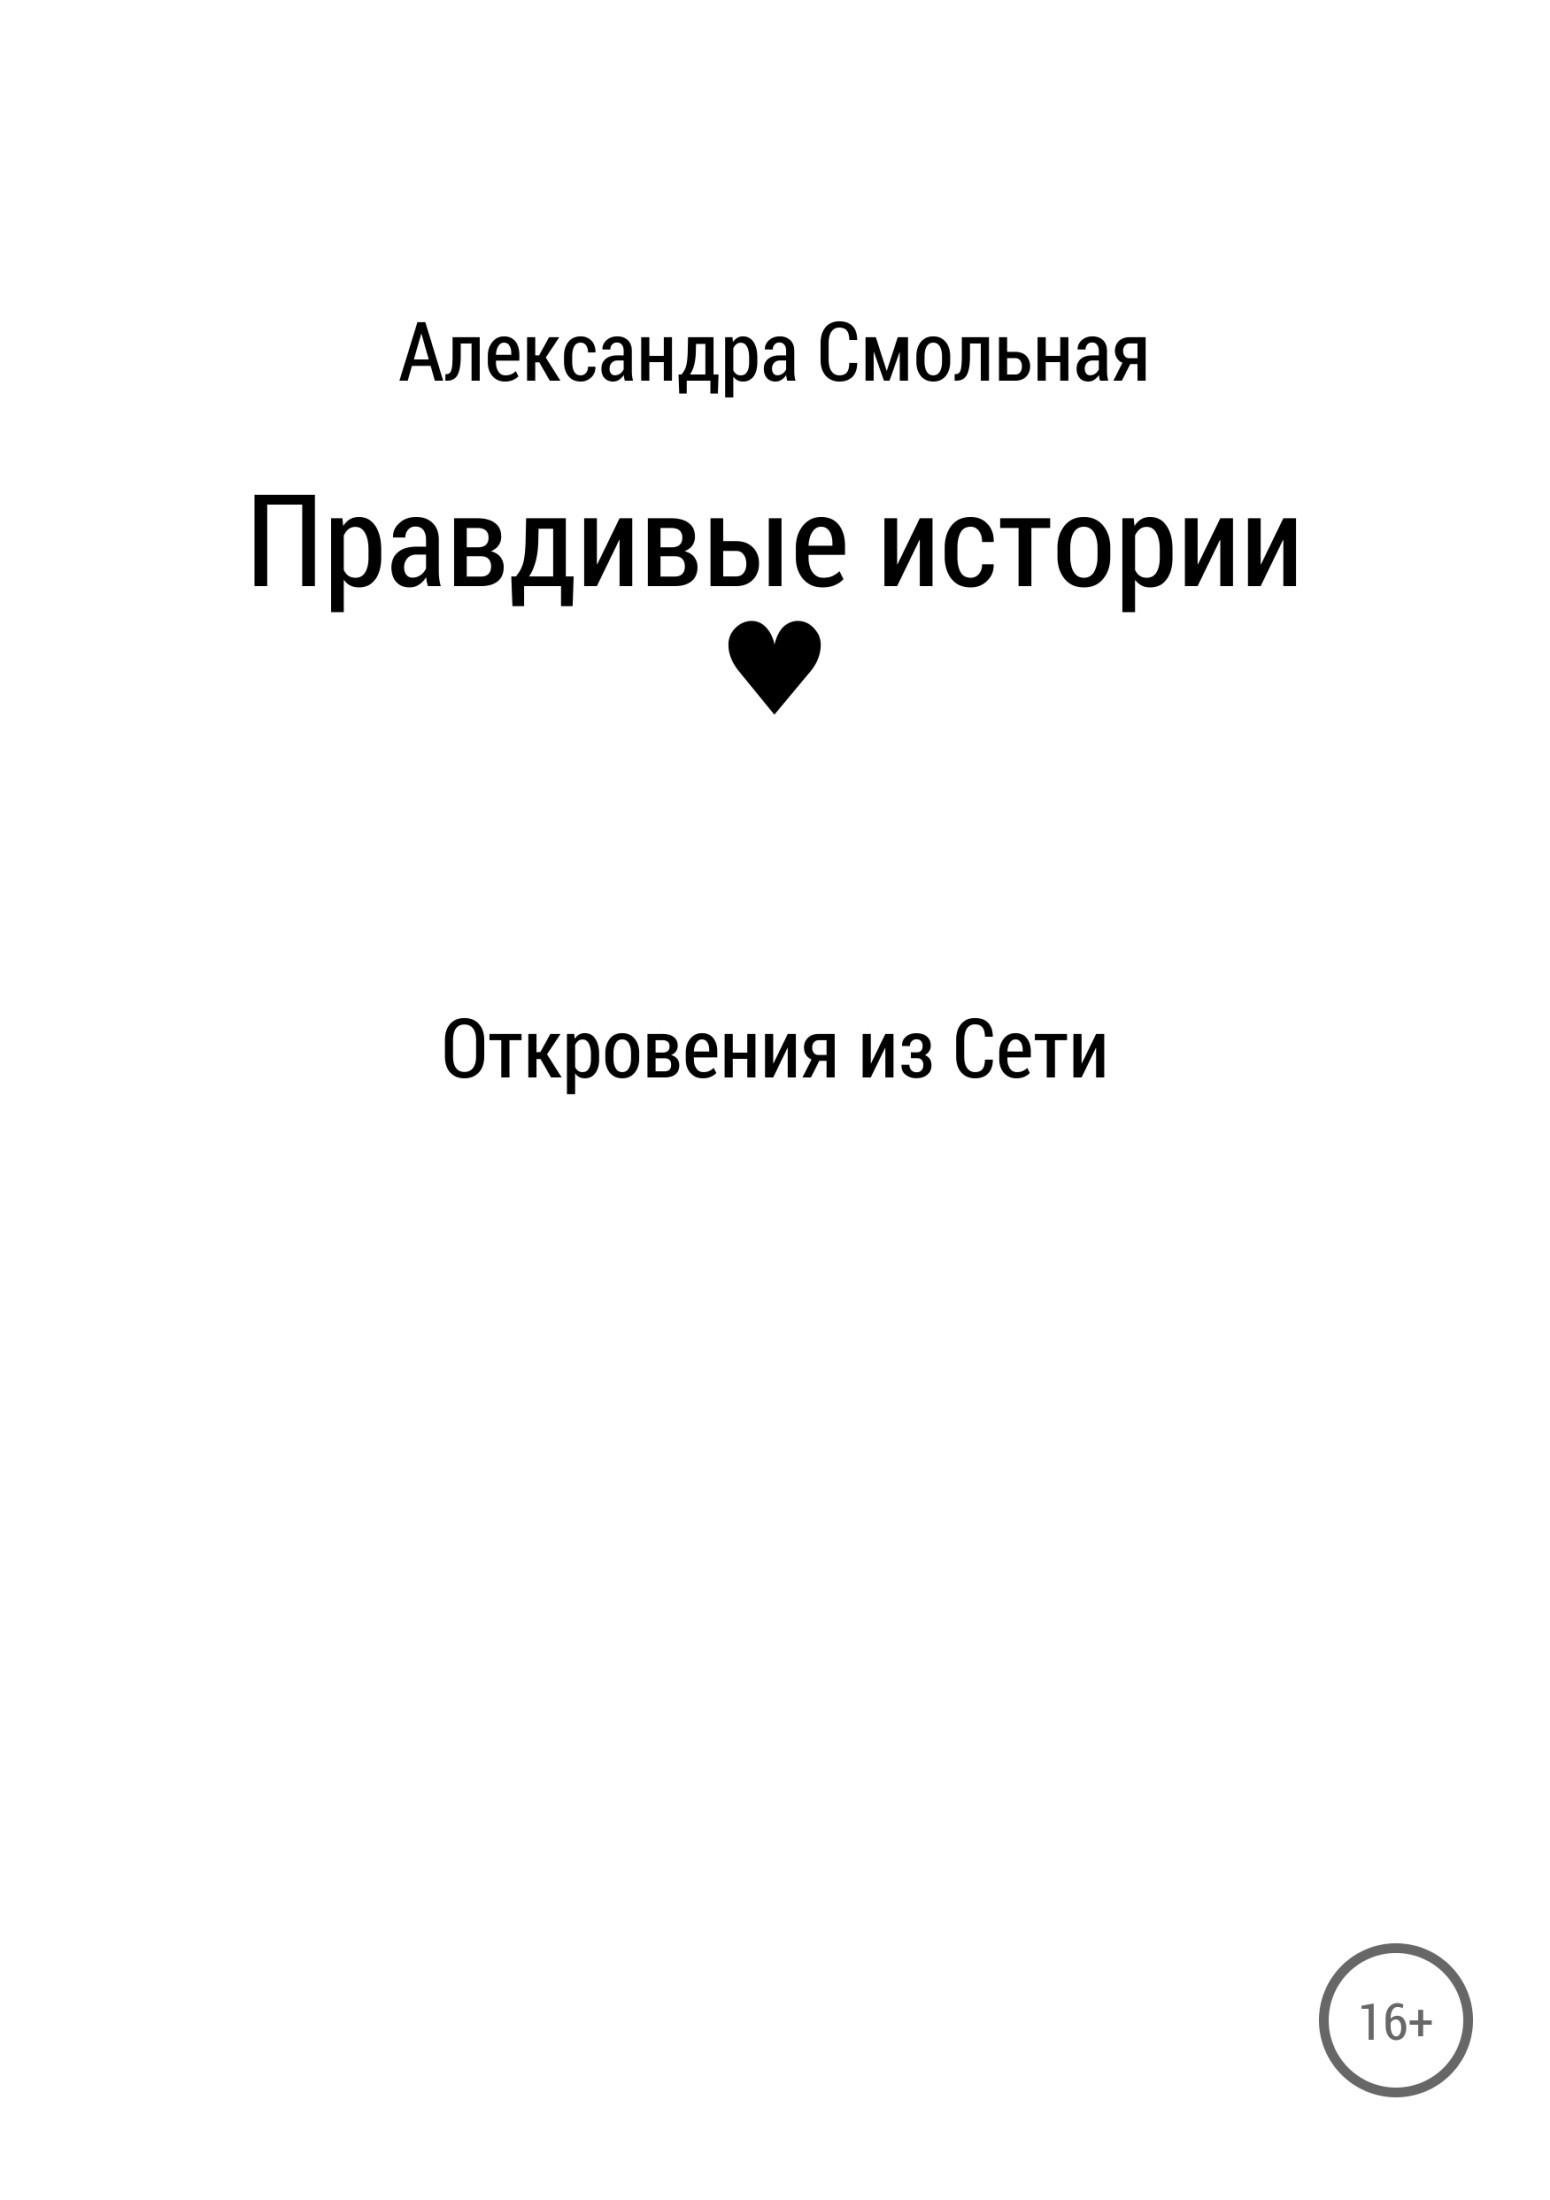 Александра Смольная Правдивые истории: откровения из Сети